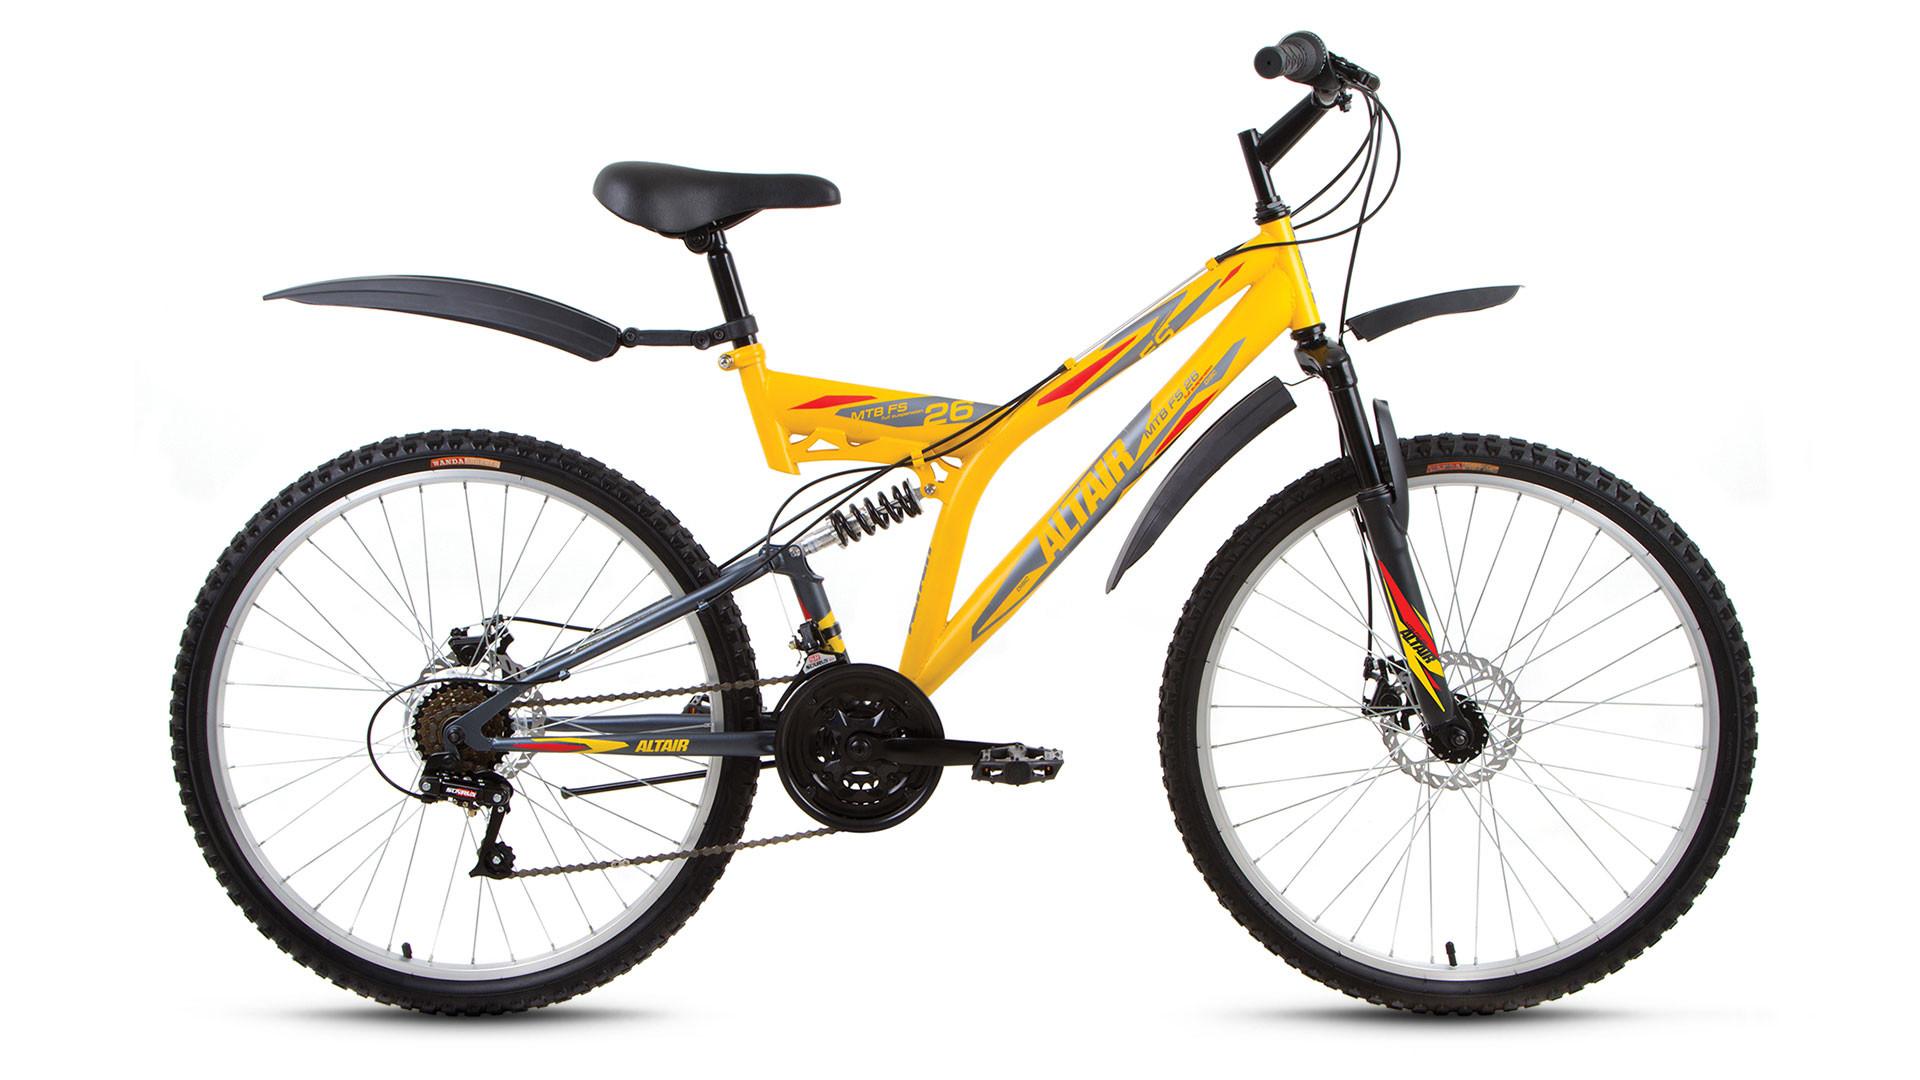 """Двухподвесный велосипед Altair MTB FS Disc 2017 рама 16"""" желтый/серый"""